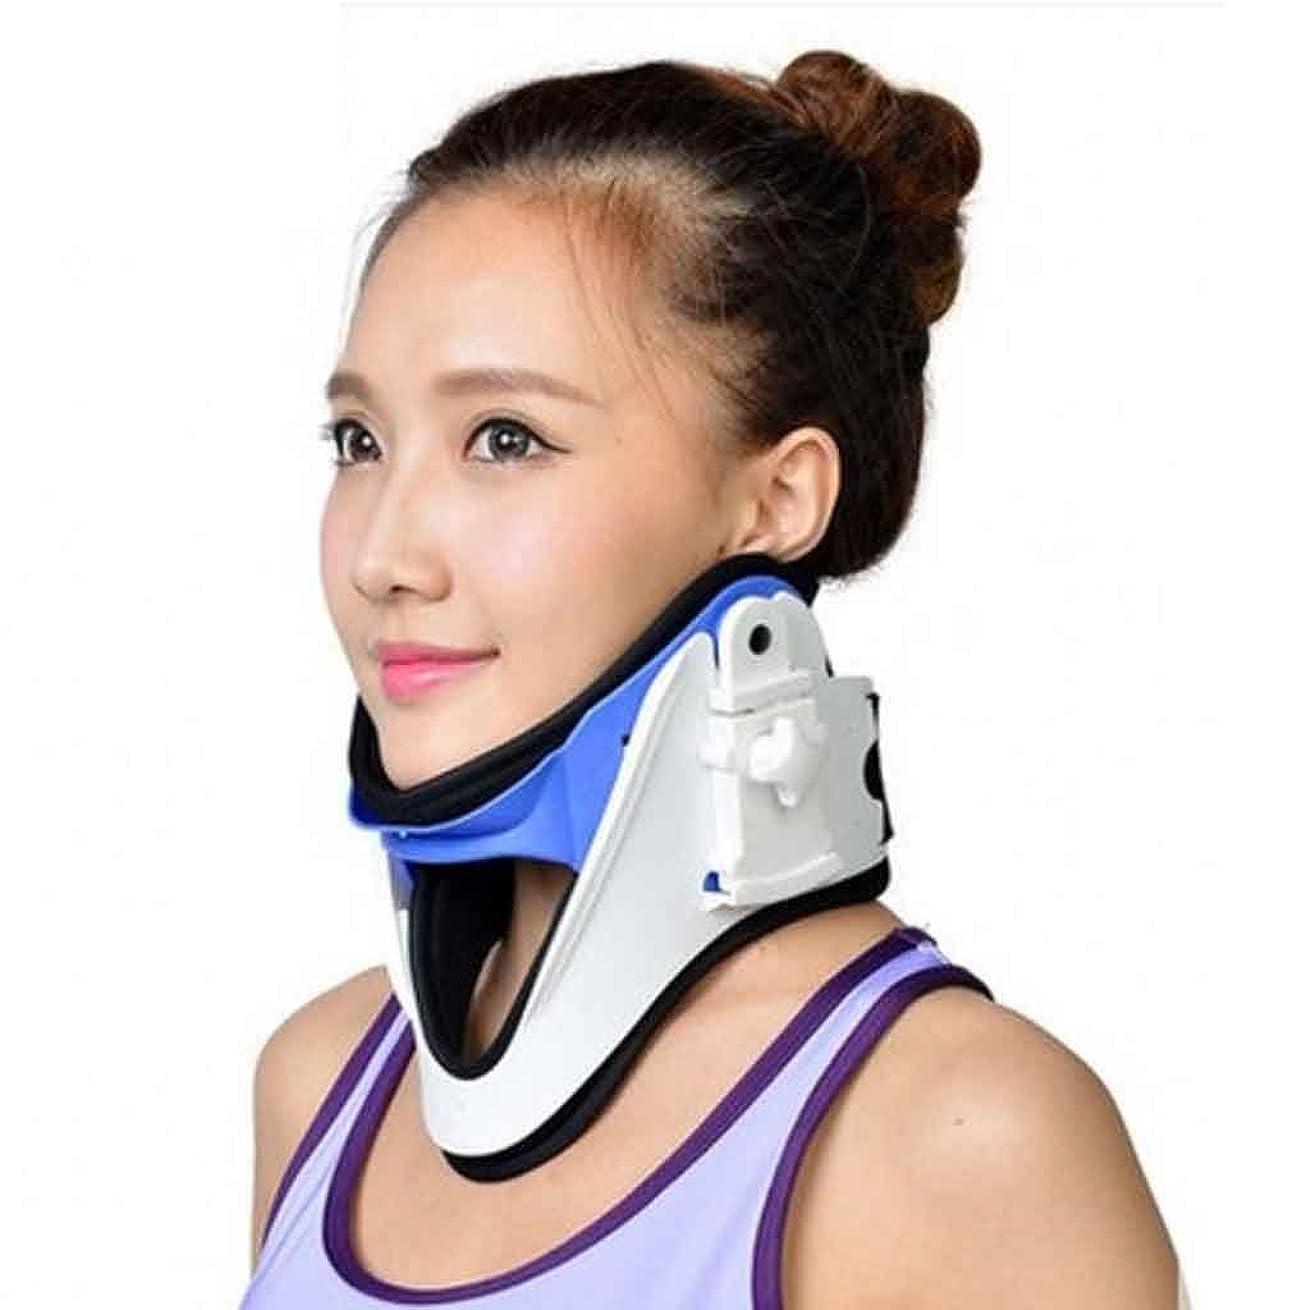 磁気頑張る常習者ネックトラクターネックマッサージ頚椎トラクター首脊椎治療頸部固定トラクター固定サポートネック頸椎ストレッチコレクター